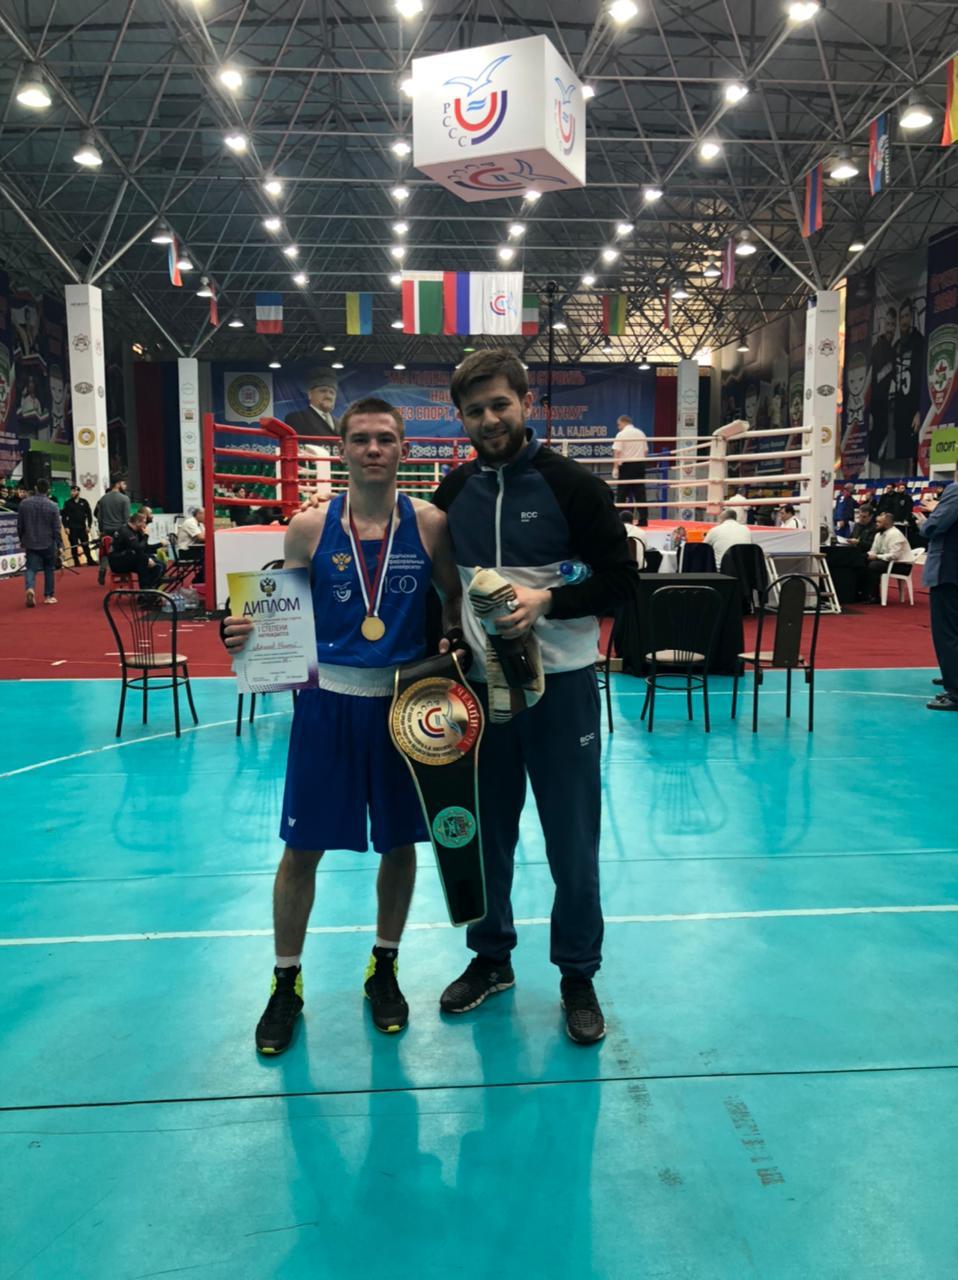 Боксер из Екатеринбурга Евгений Ляшков завоевал золото на всероссийском турнире в Грозном.